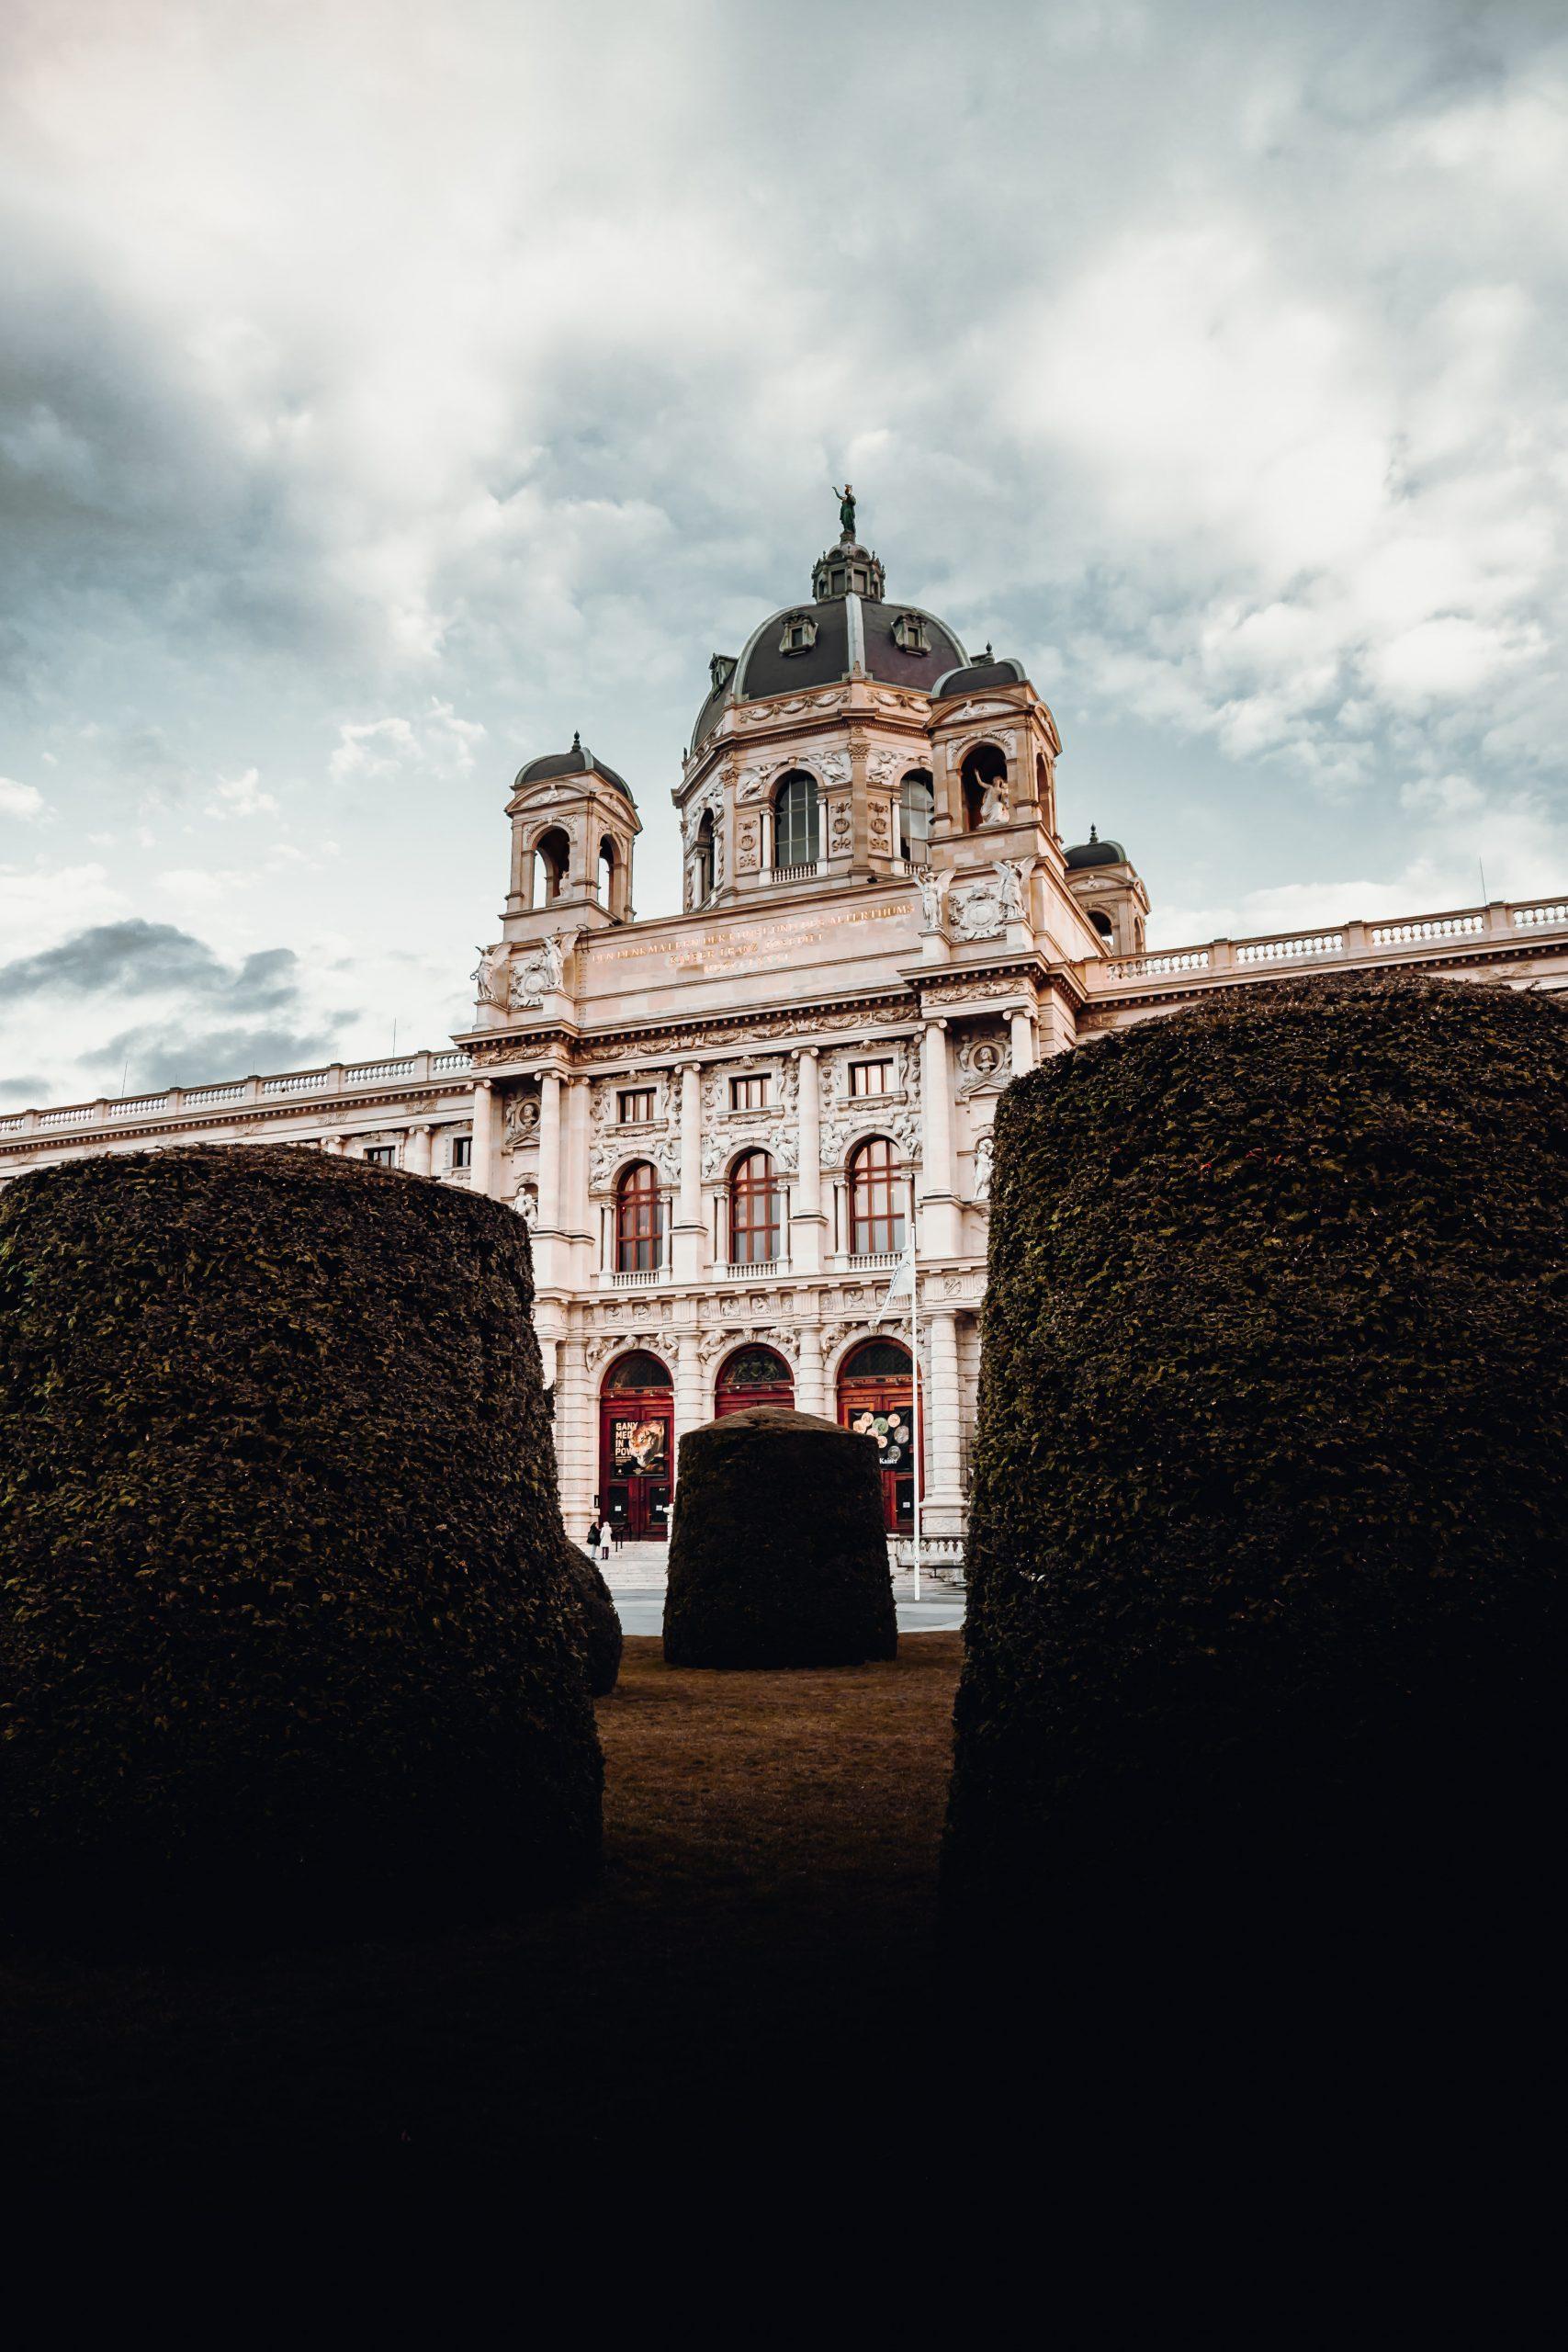 Museo Kunsthistorisches, Viena, Austria